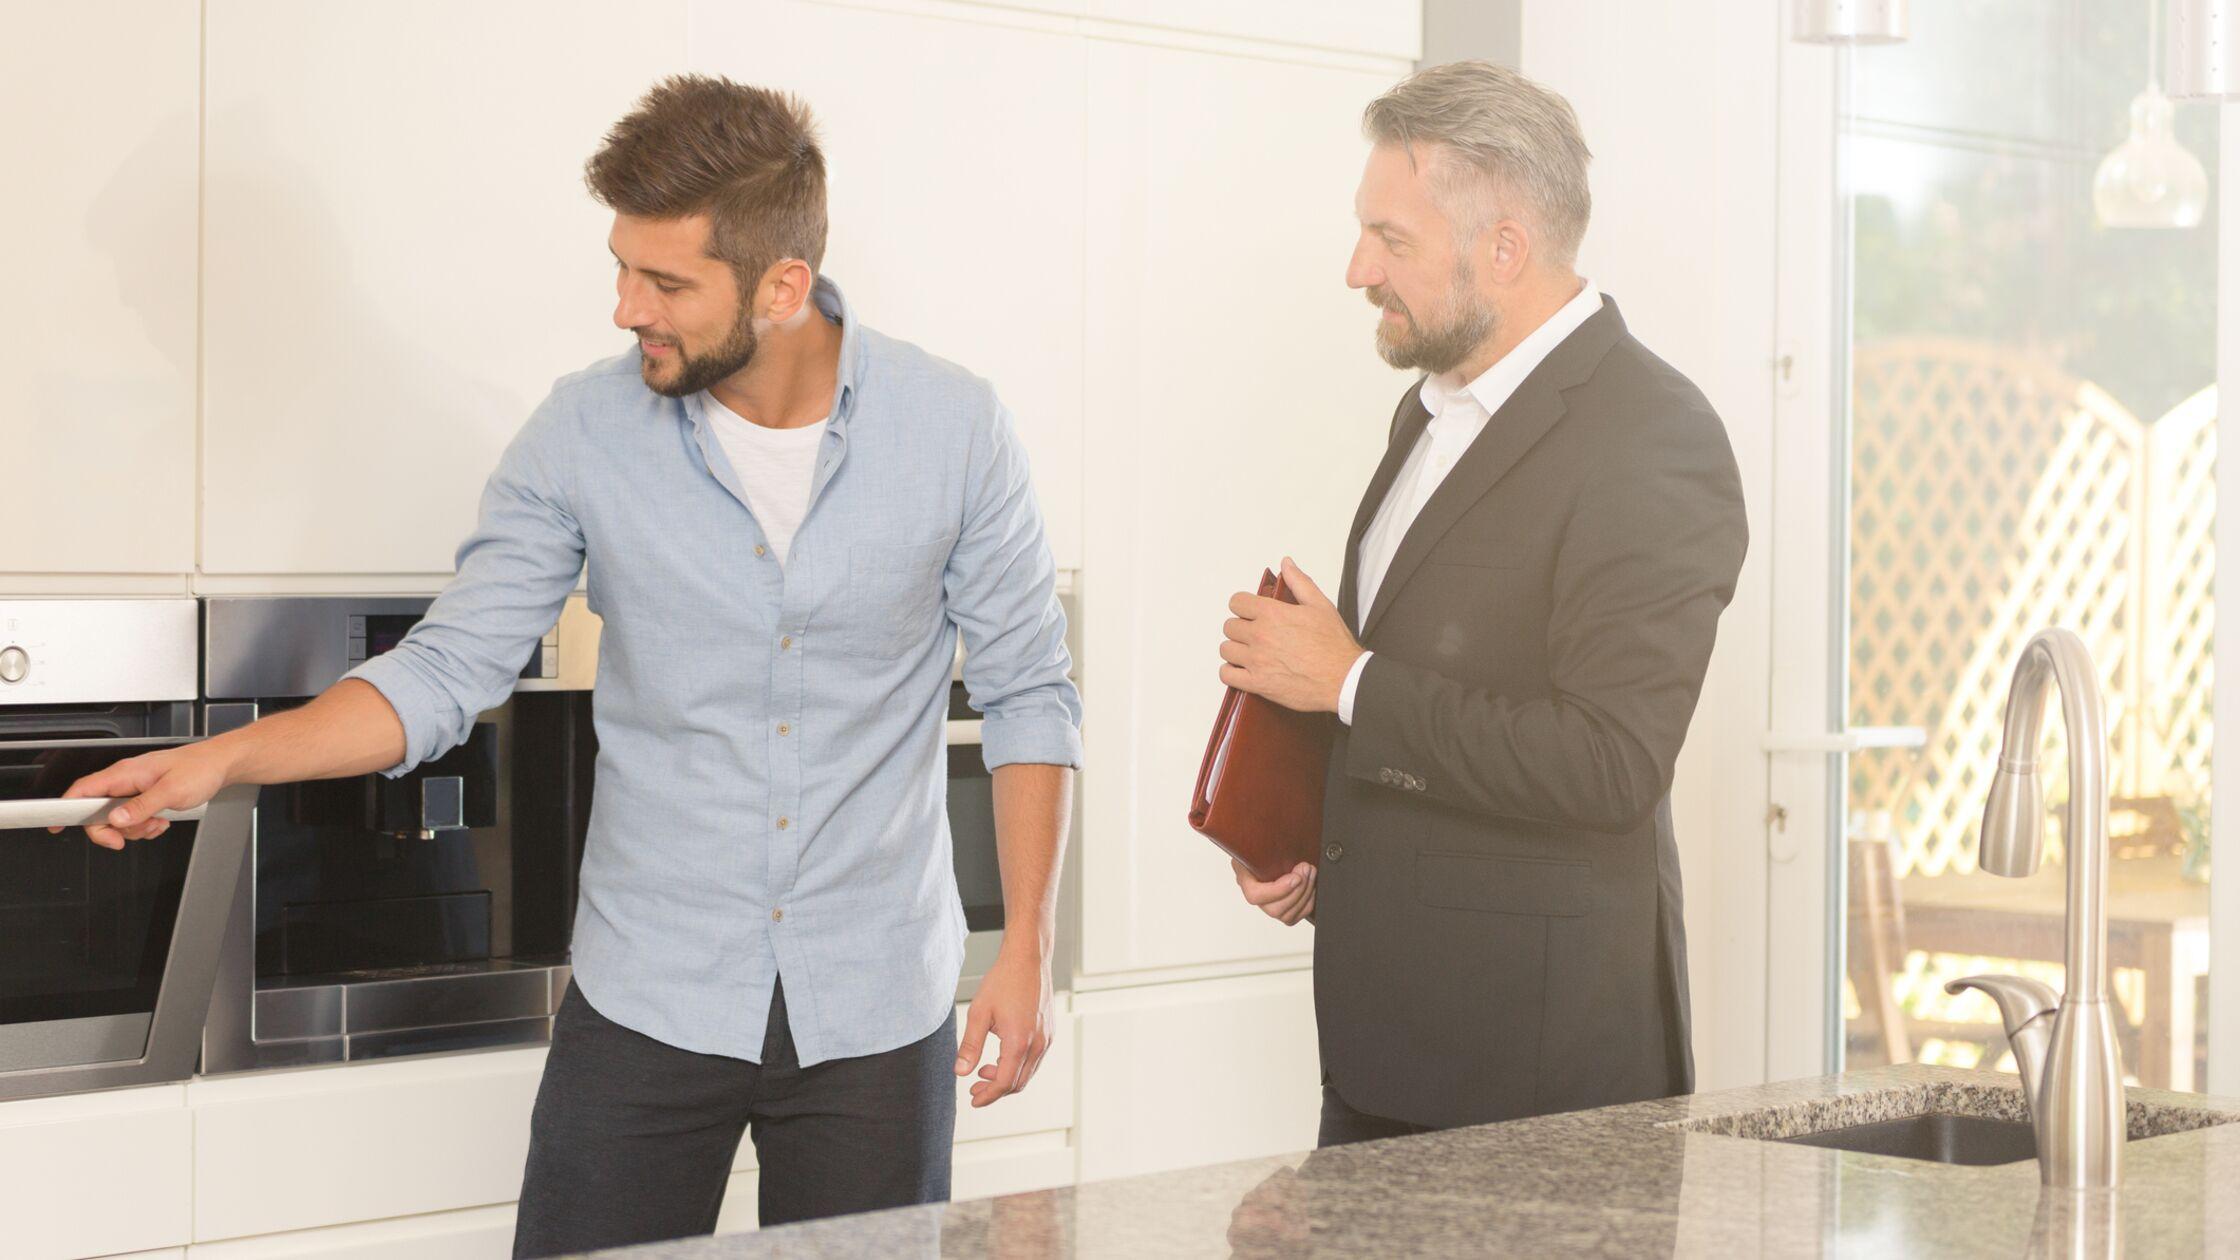 Küche vom vormieter übernehmen kaufvertrag  Kaufvertrag Küche